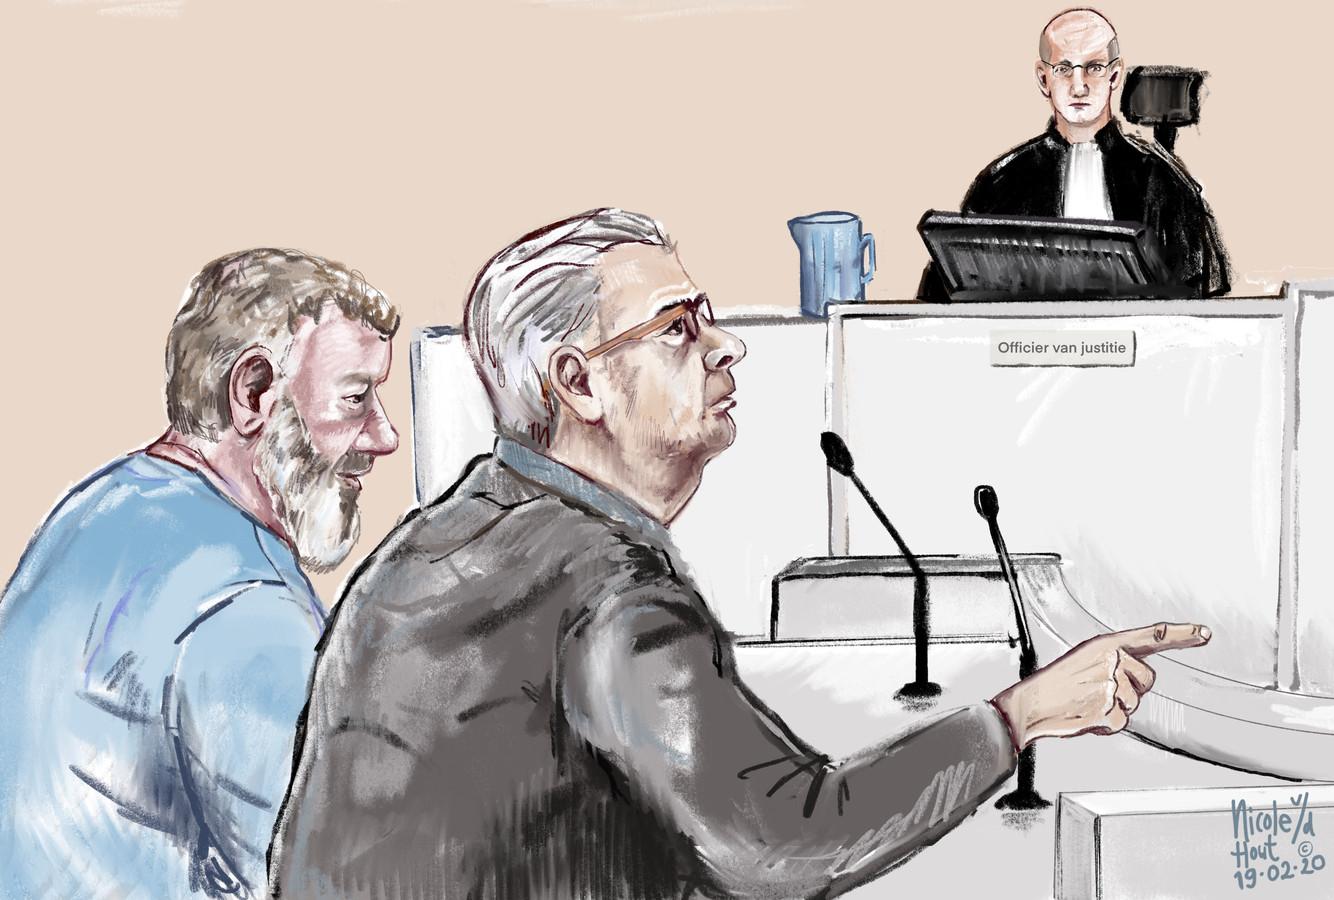 De verdachten van het oplichten van bejaarden tijdens de strafzitting in de rechtbank in Arnhem.